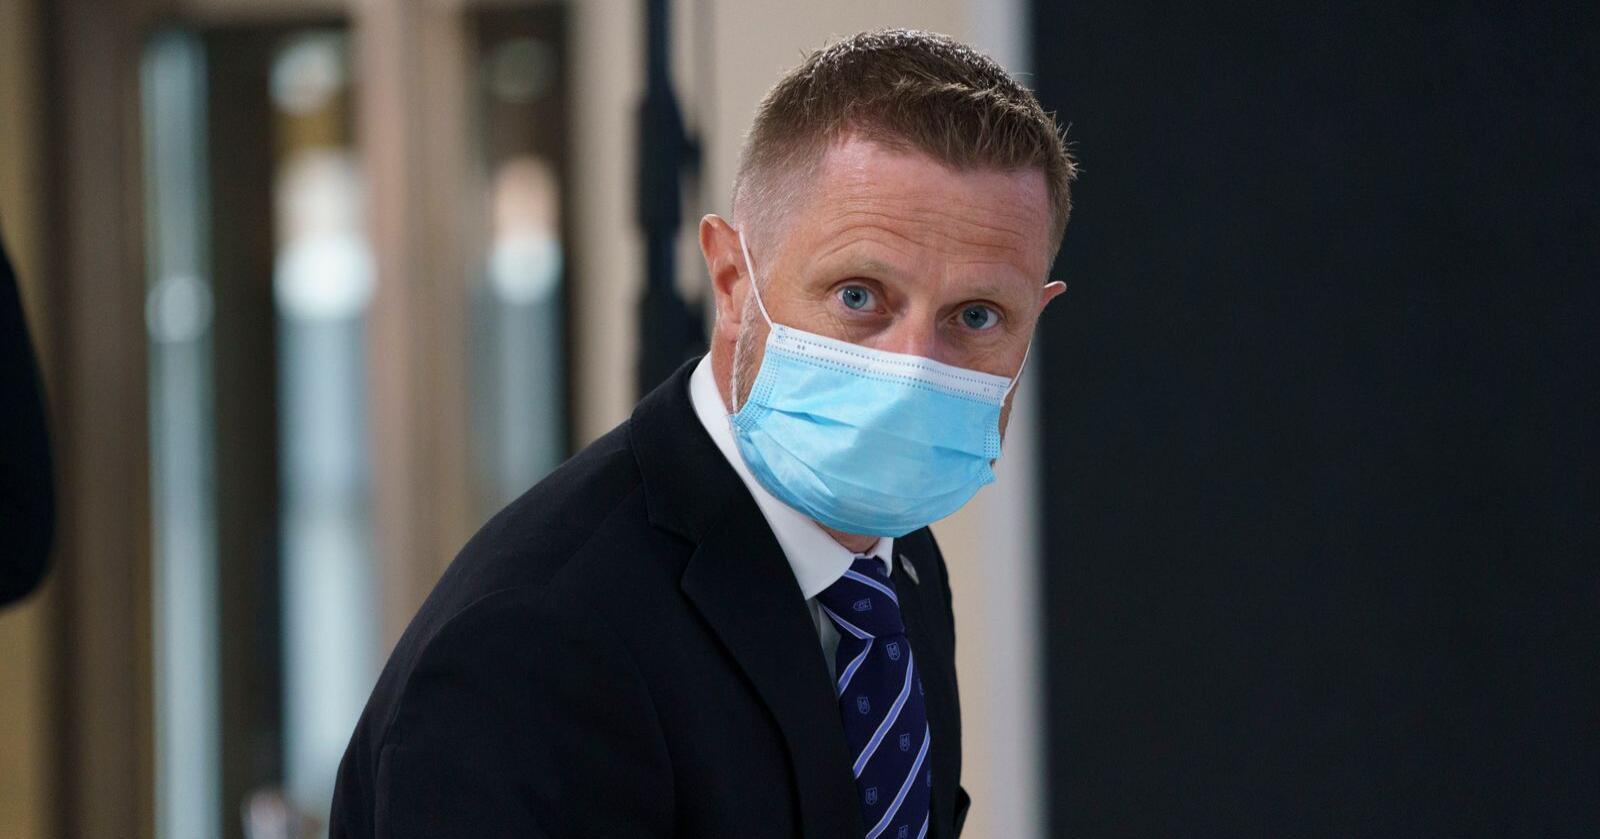 Helse- og omsorgsminister Bent Høie (H) sier Norge følger nøye med på spredningen av den indiske virusvarianten. Foto: Torstein Bøe / NTB